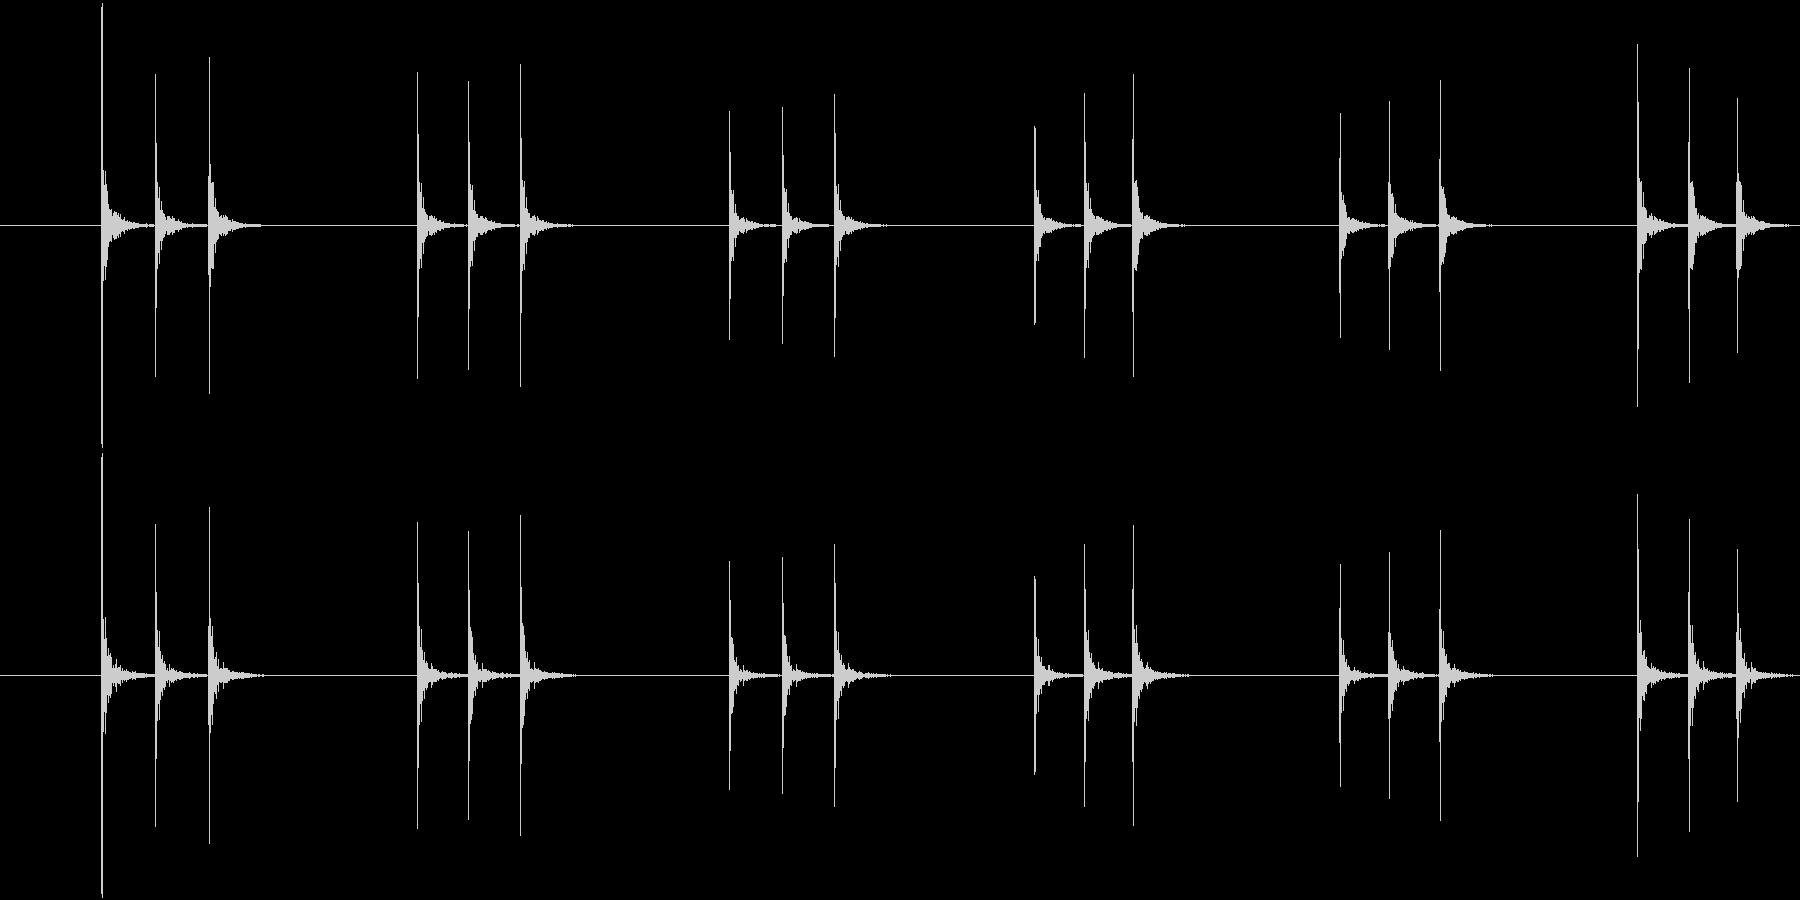 コンコンコン、連続したドアノック音-03の未再生の波形